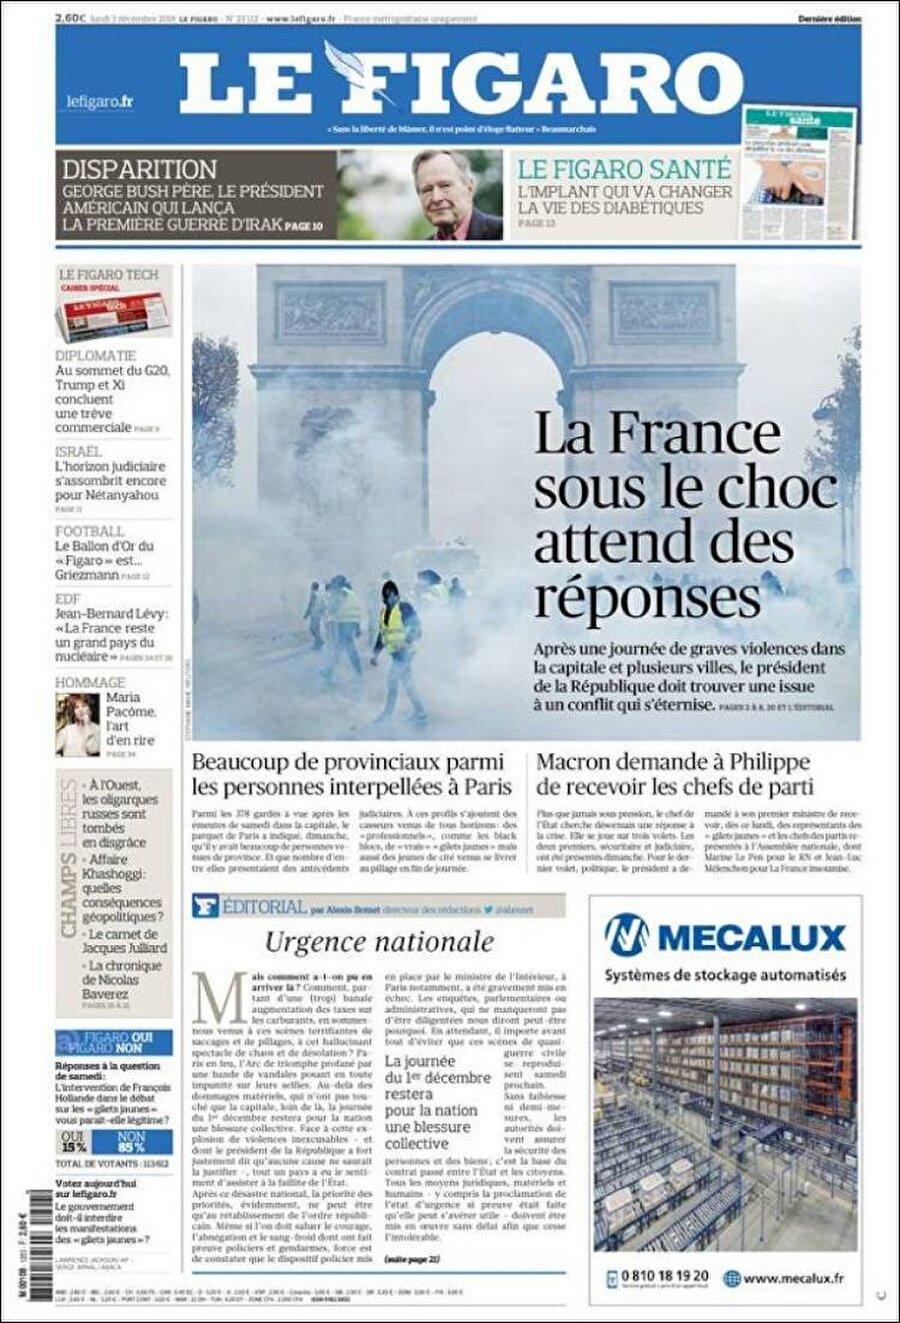 """Le Figaro                                      """"Şok içindeki Fransa, yanıtları bekliyor"""""""